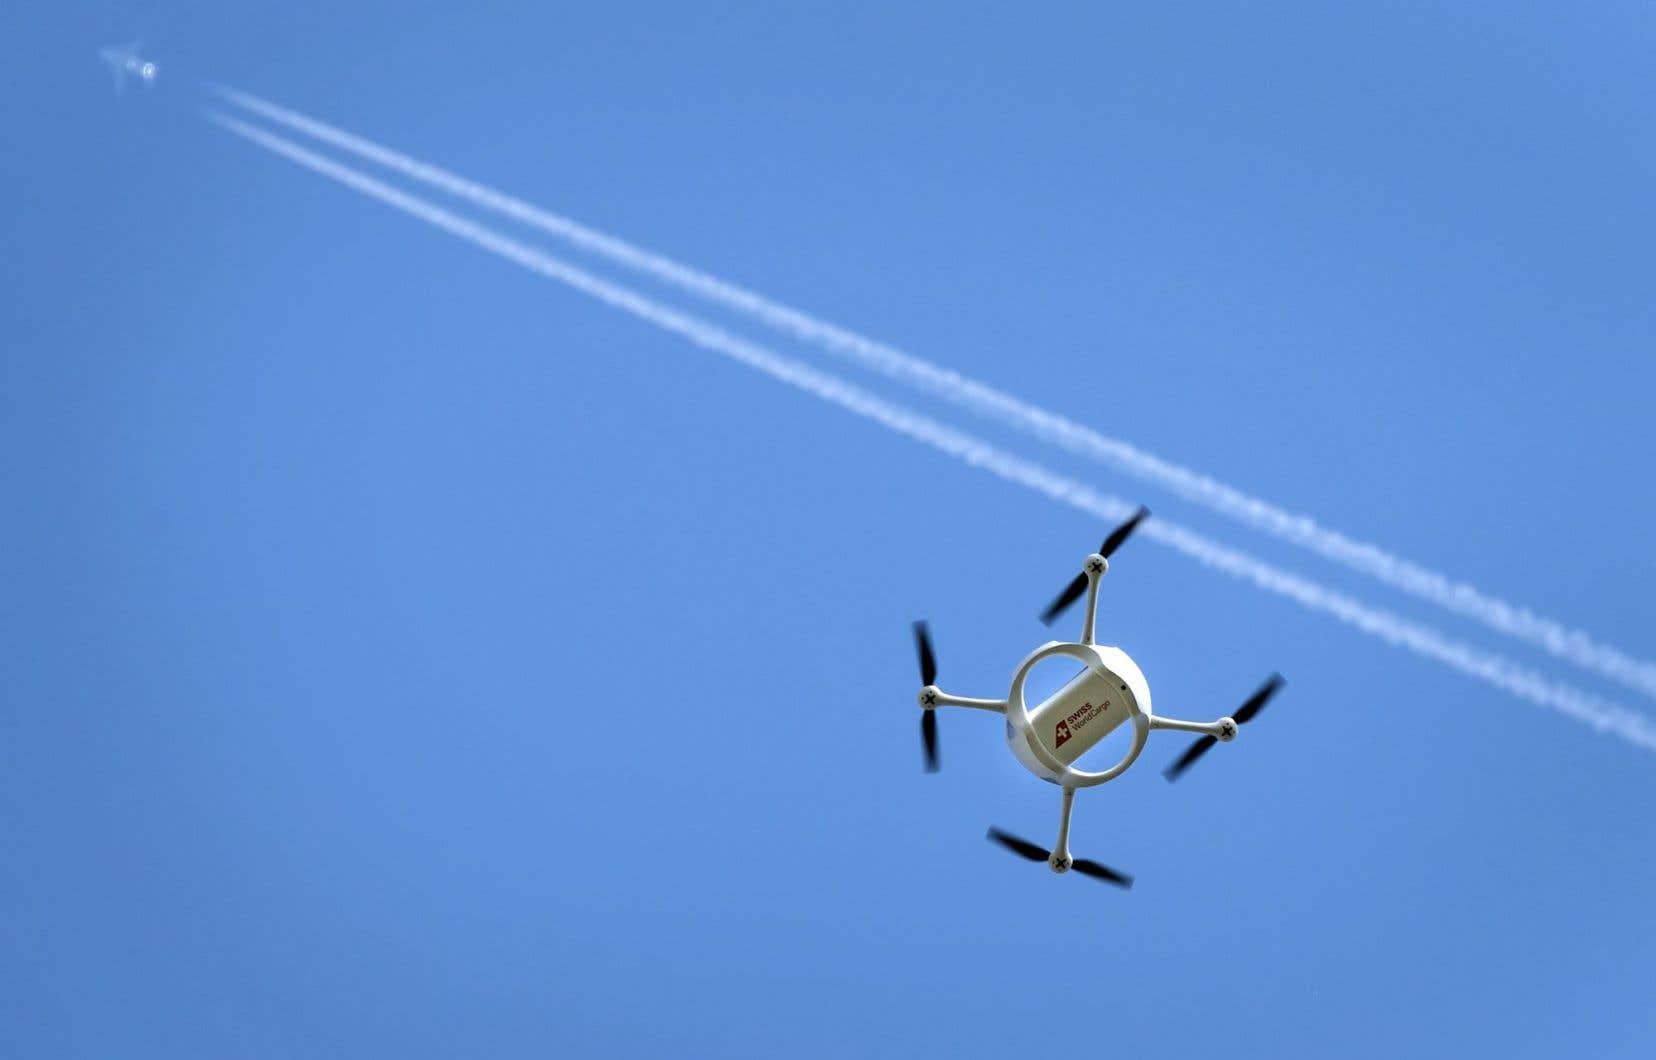 La présence des drones dans le ciel constitue un risque supplémentaire pour les pilotes d'avion.